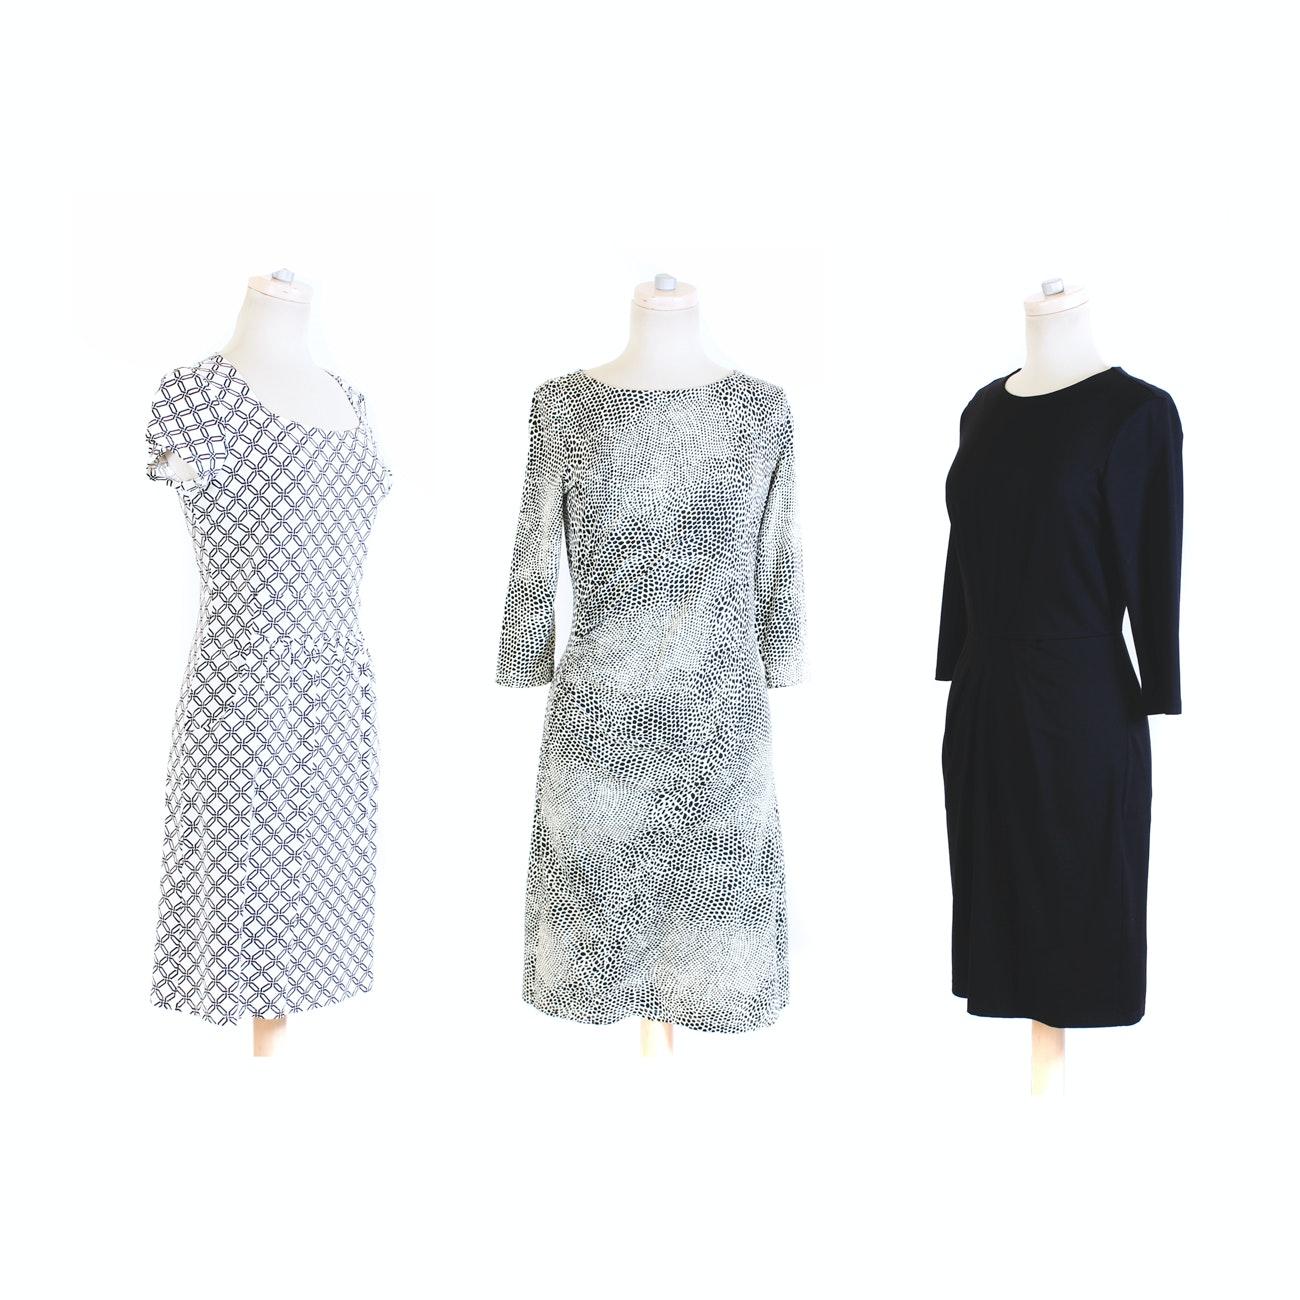 J. McLaughlin Contemporary Dresses